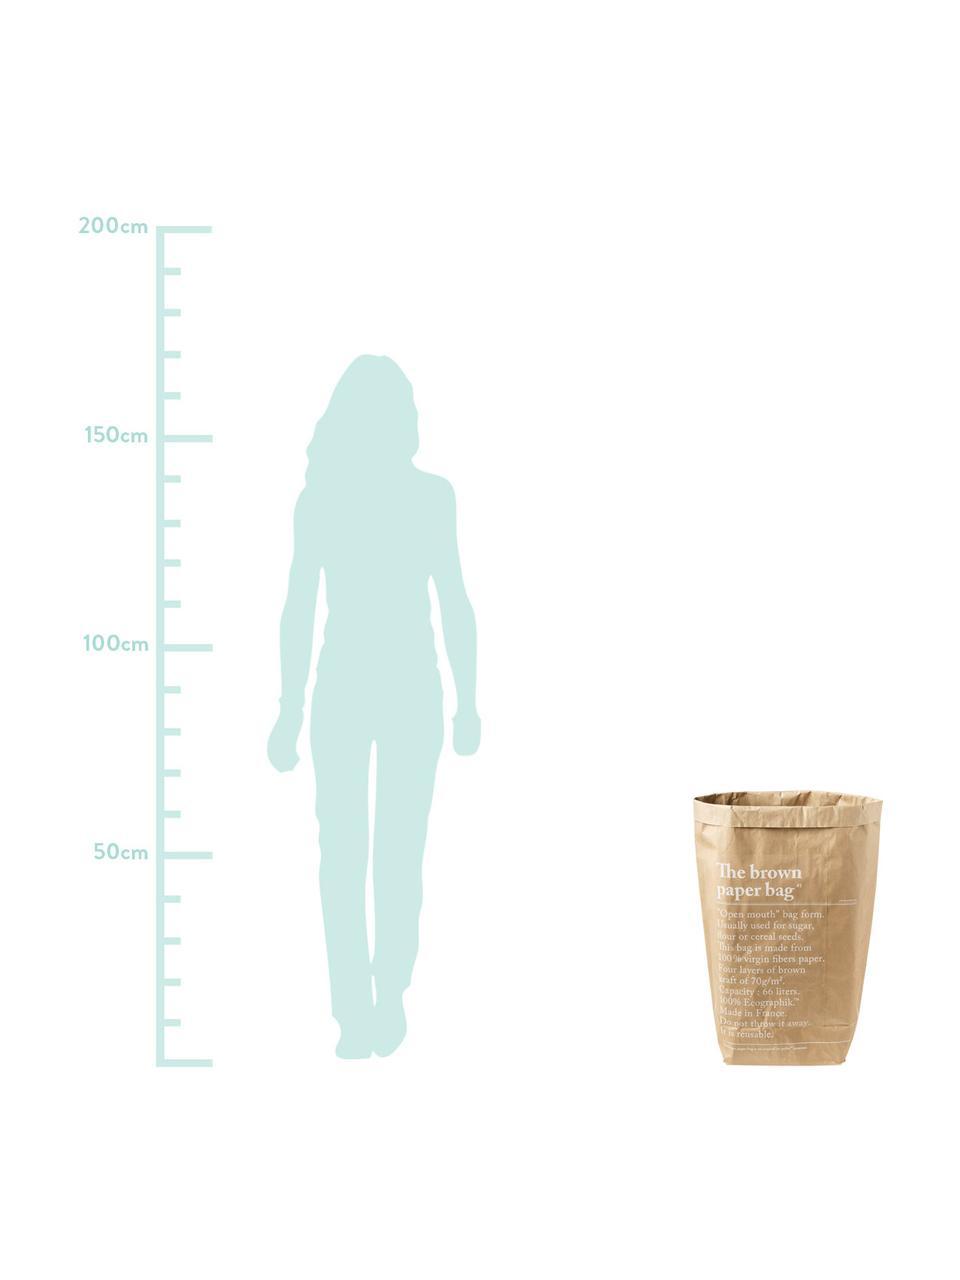 Opbergzak Le sac en kraft brun, Gerecycled papier, Bruin, 50 x 69 cm